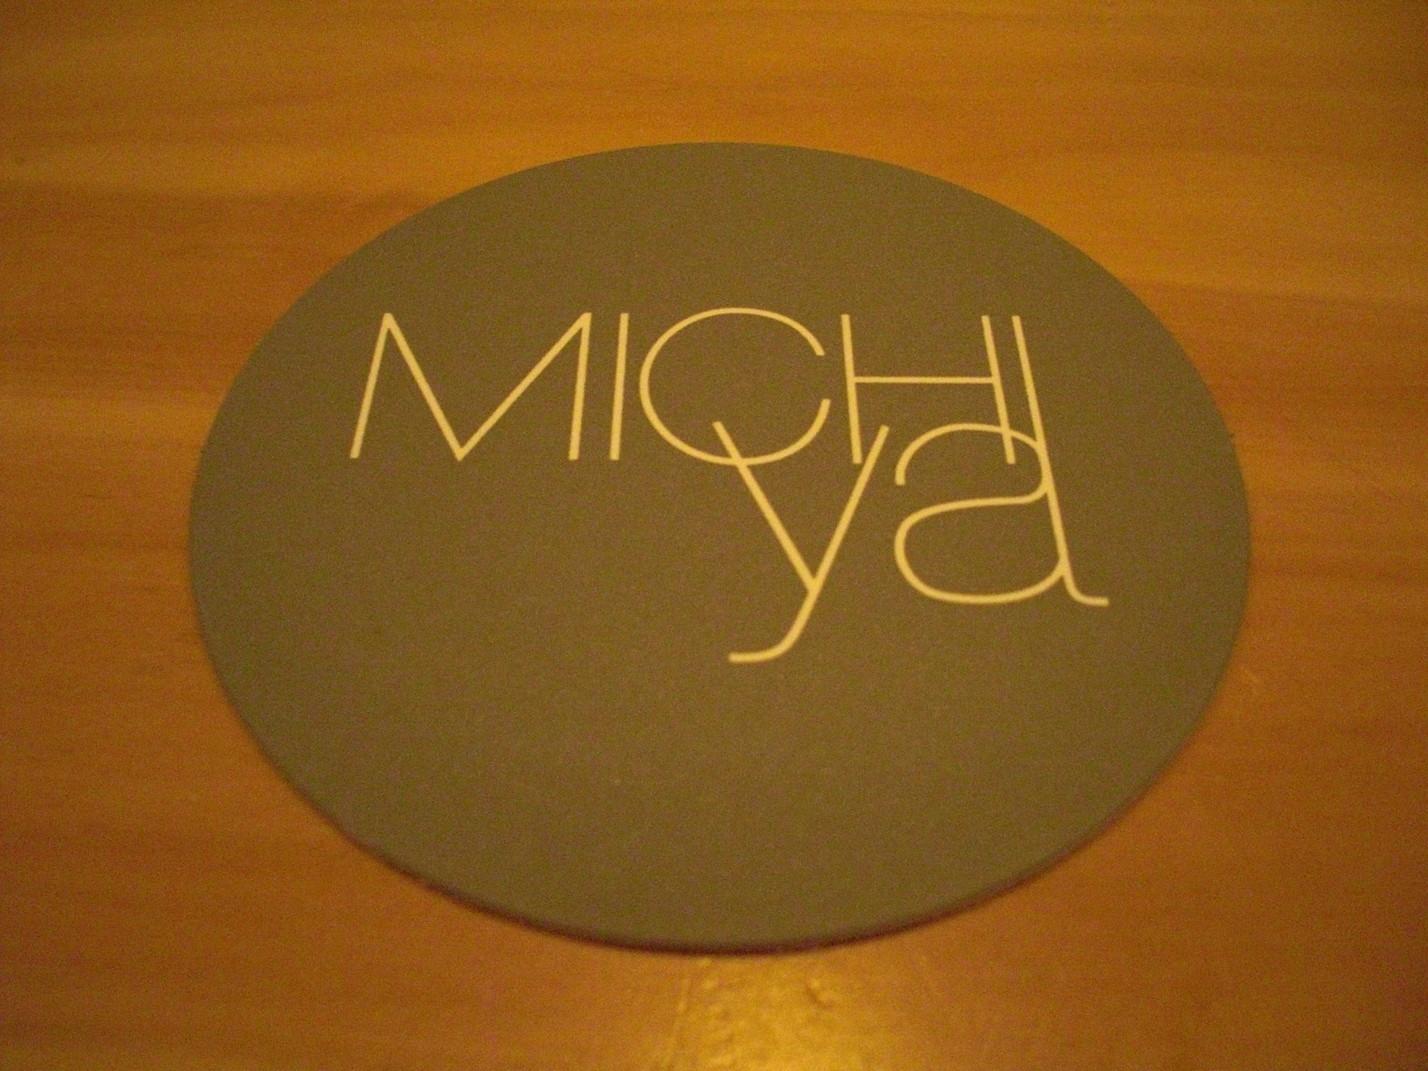 MICHIYA